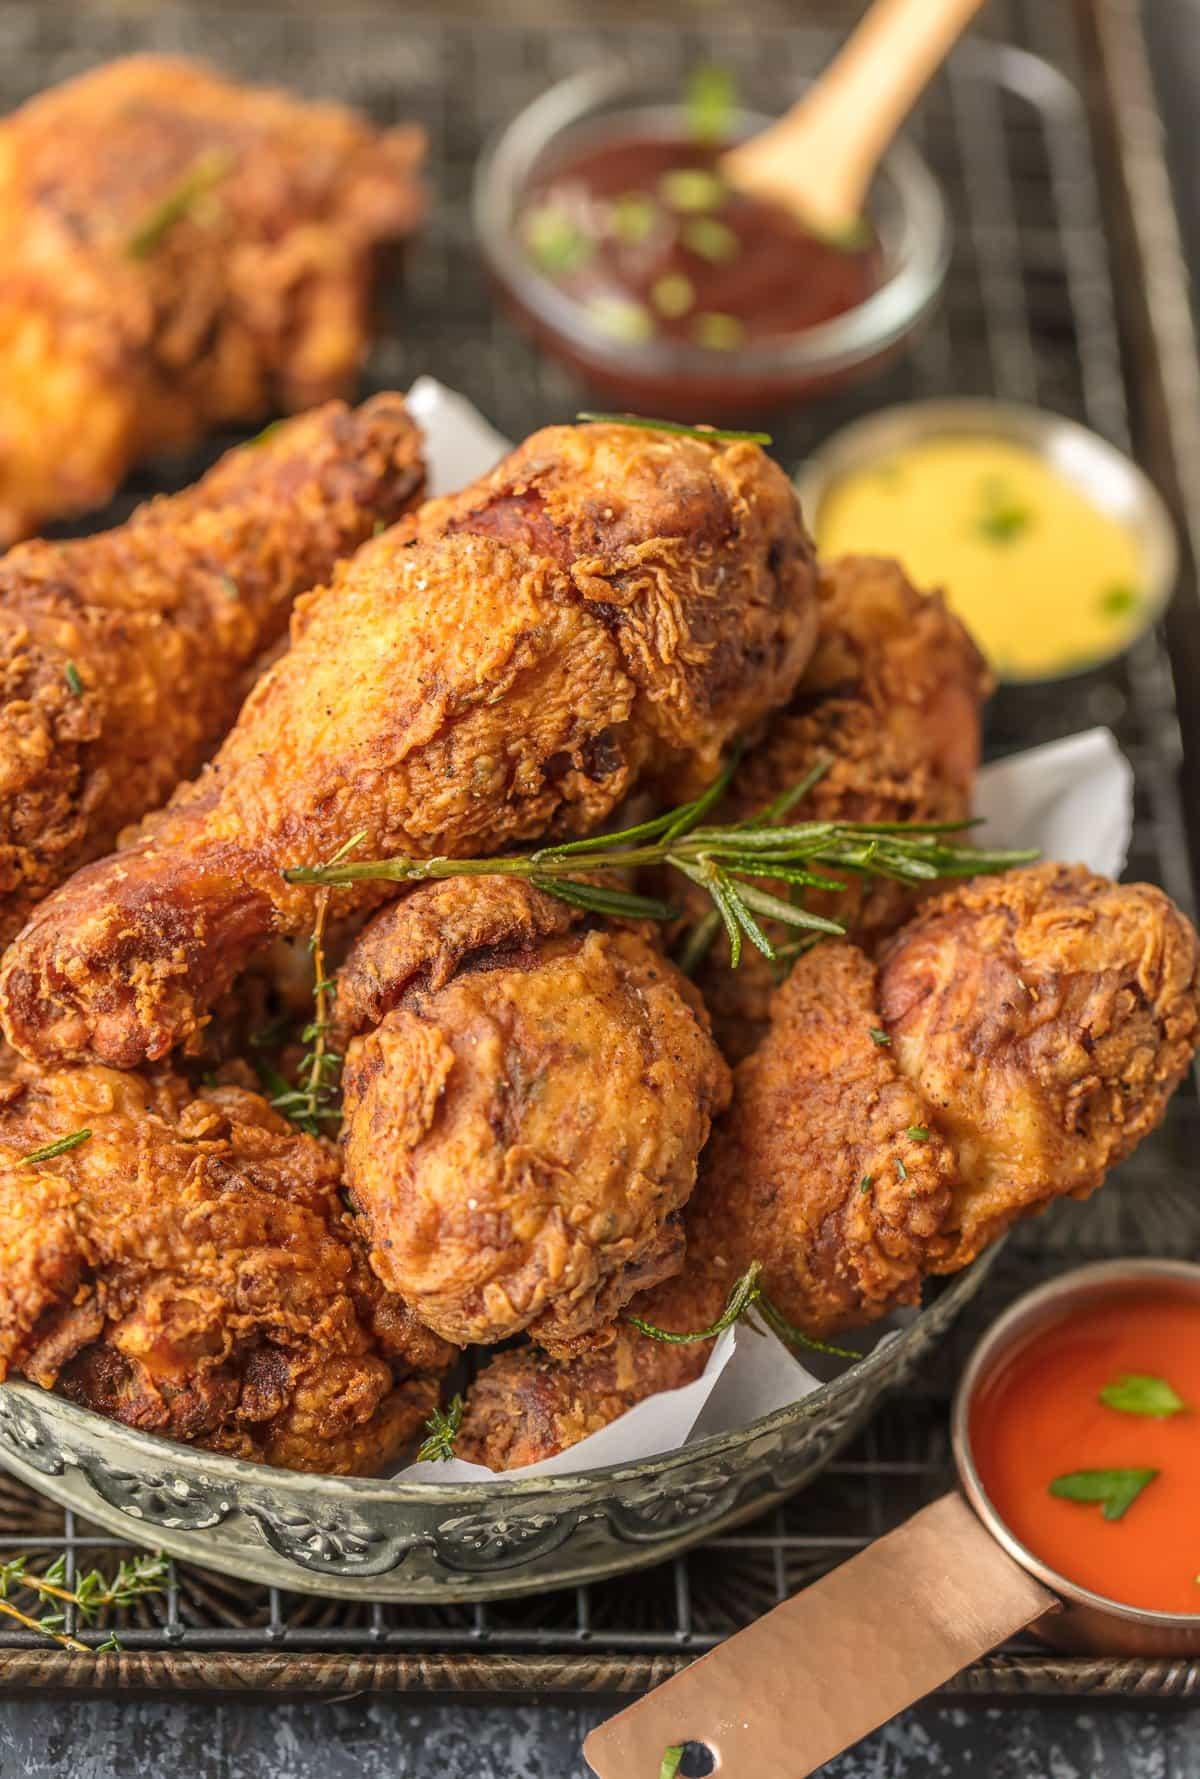 Best Fried Chicken  Buttermilk Fried Chicken Recipe BEST EVER [VIDEO ]